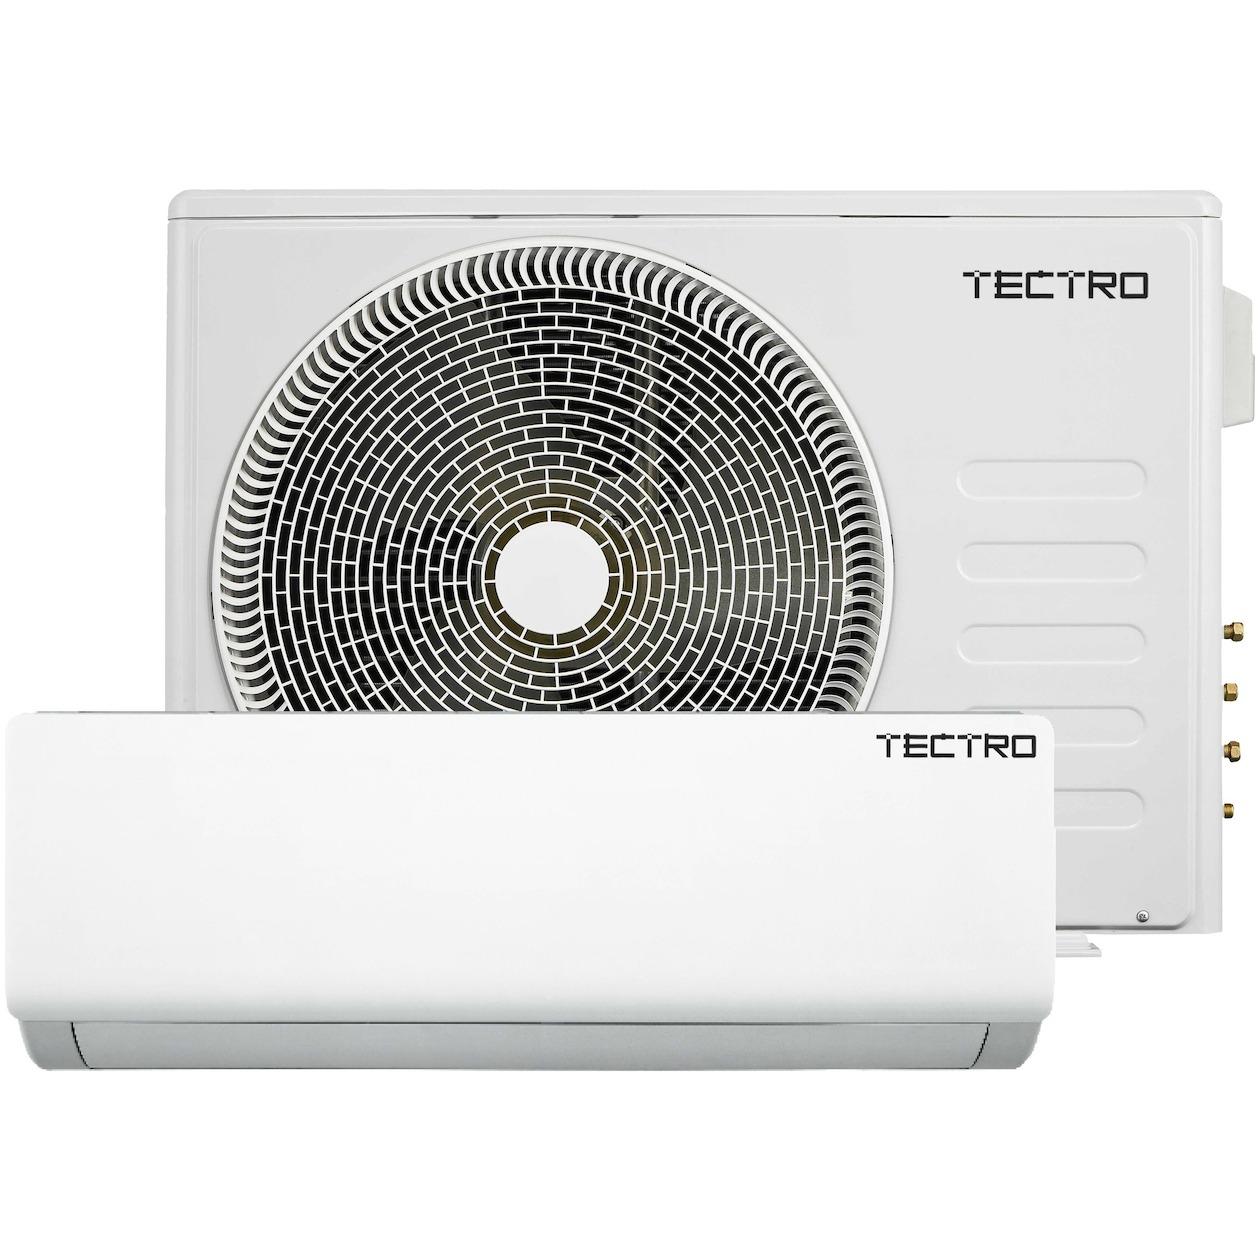 Tectro split unit airco TSCS 1025 compleet - Prijsvergelijk